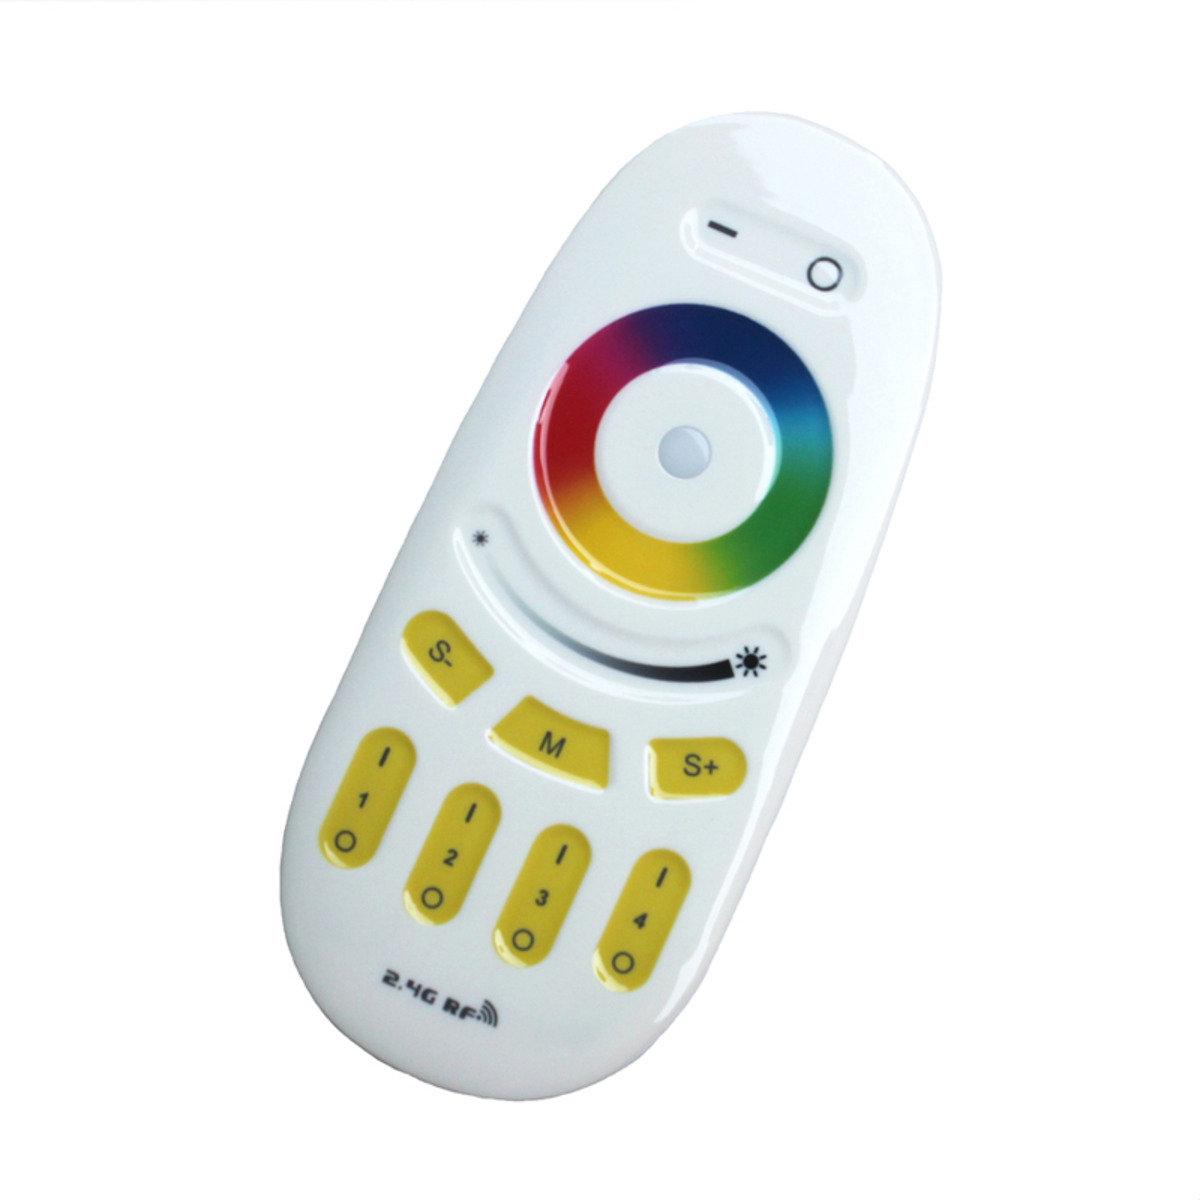 魔幻彩白系列智能燈泡搖控器 2.4GHz